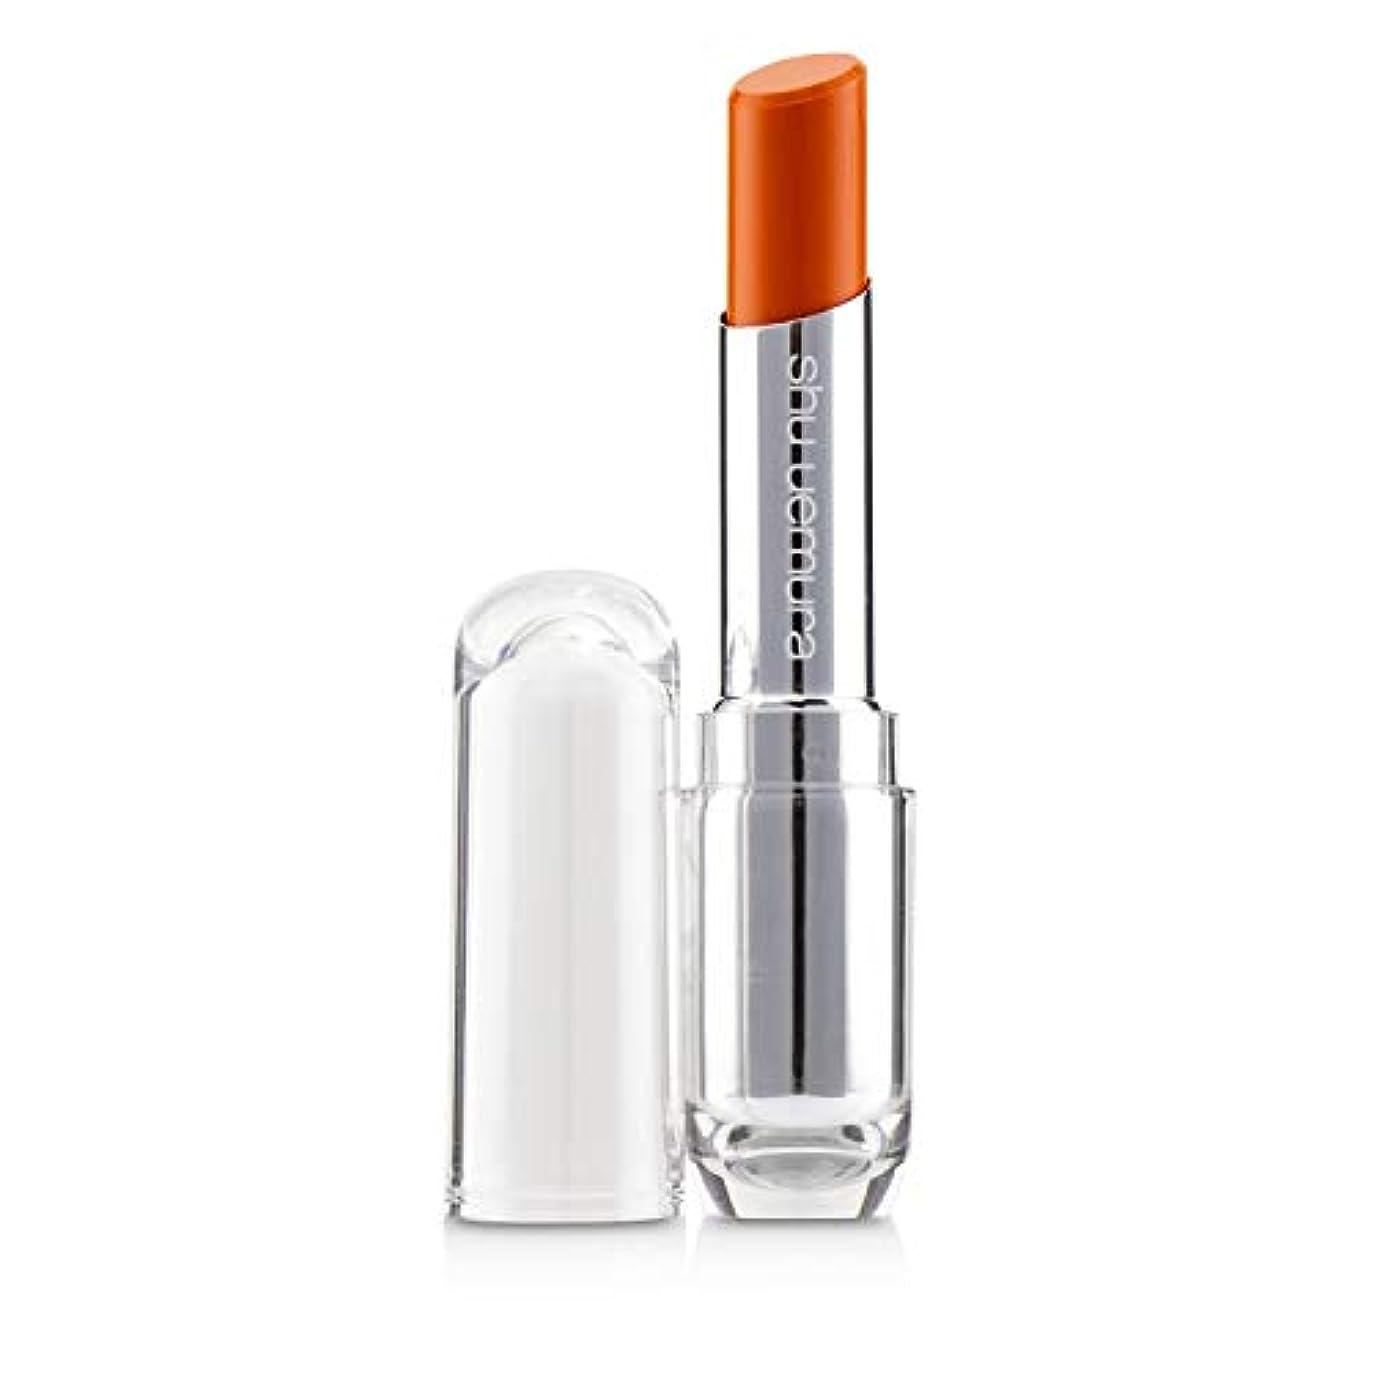 対一貫した肩をすくめるシュウウエムラ Rouge Unlimited Sheer Shine Lipstick - # S OR 550 3.2g/0.01oz並行輸入品